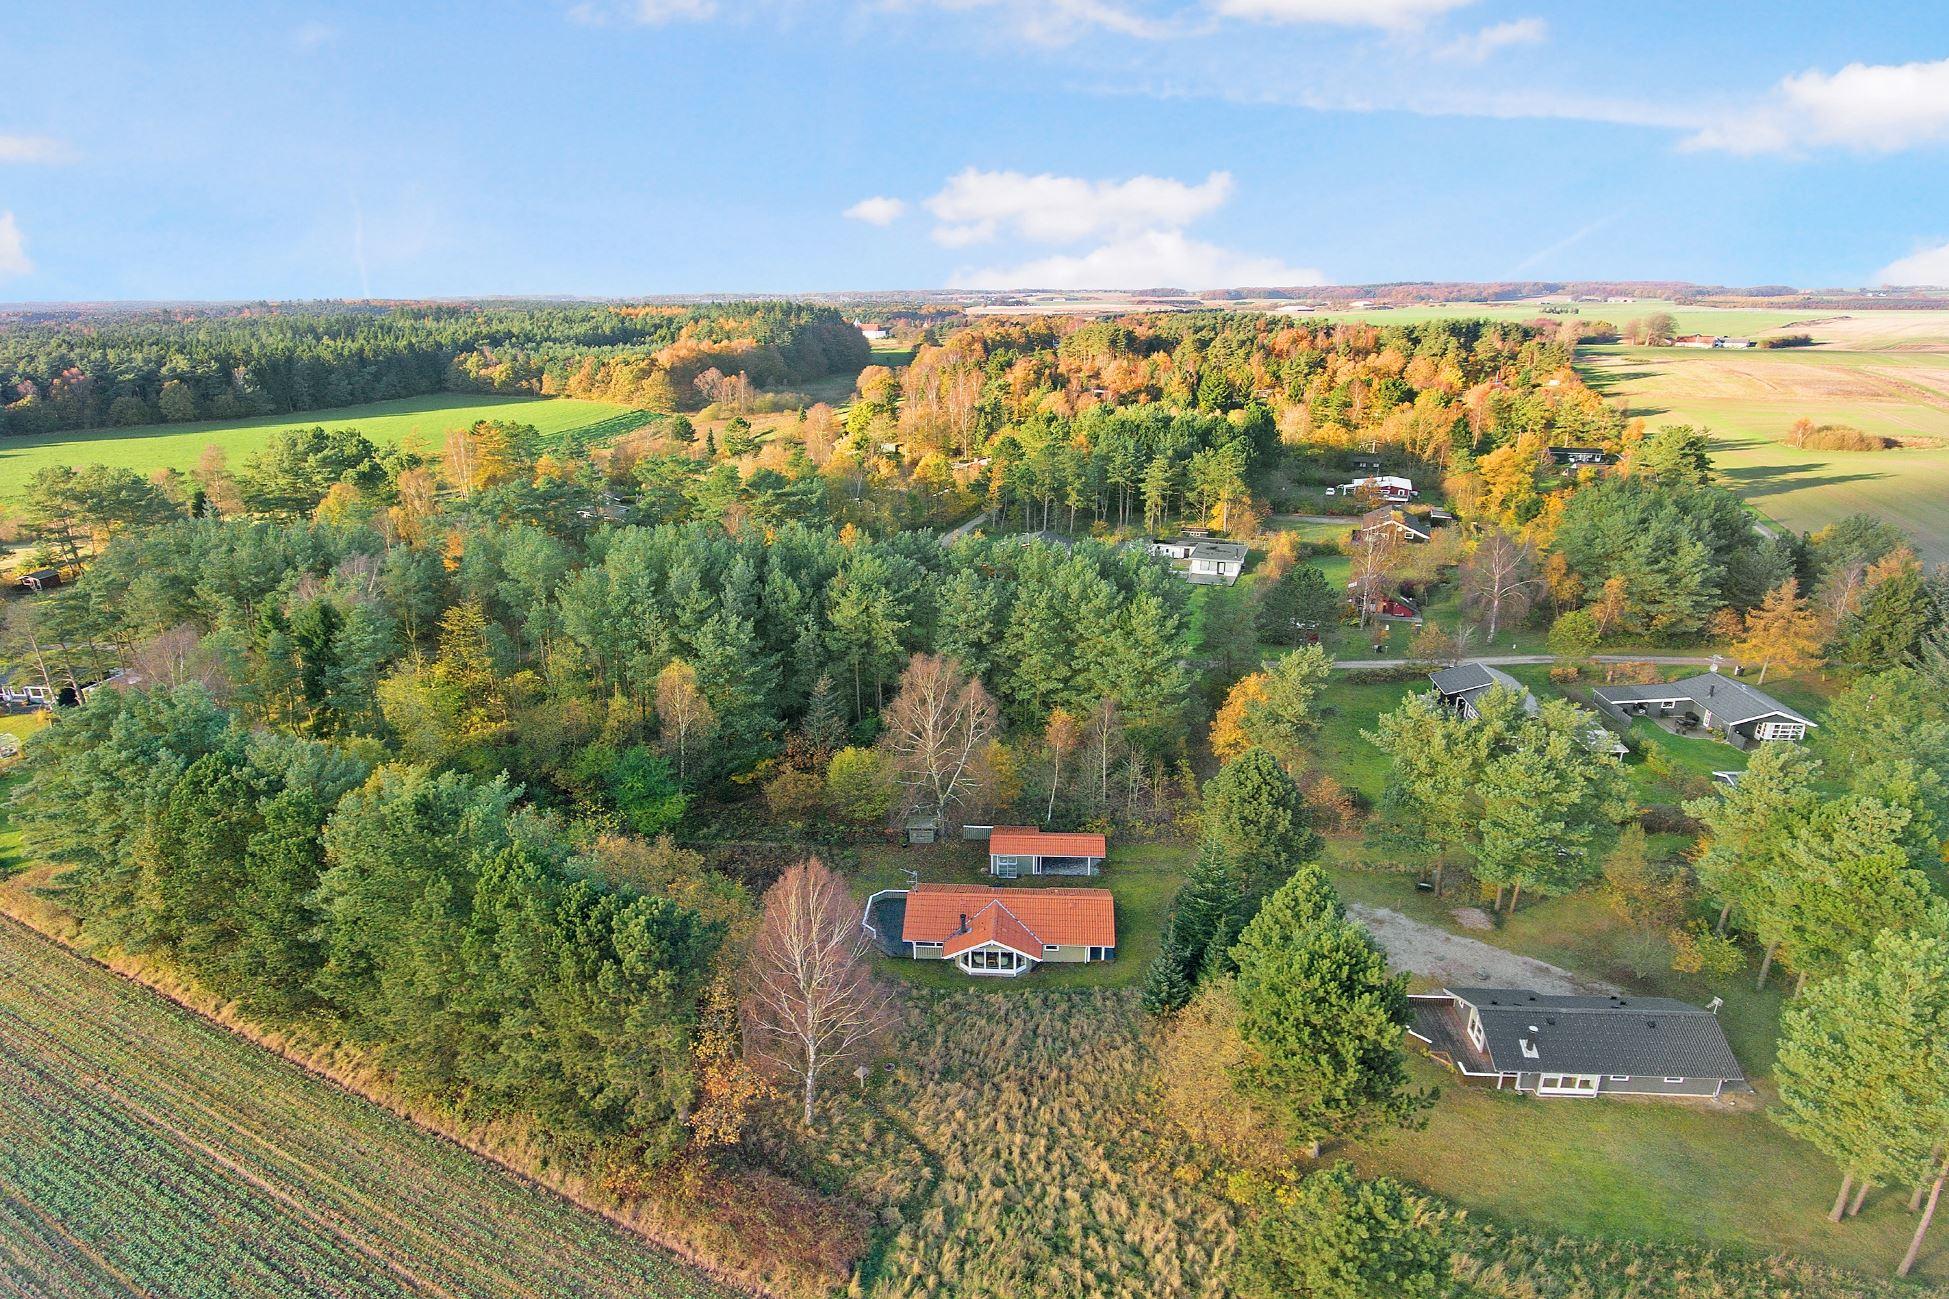 Østre Skovvej 43, 8400 Ebeltoft